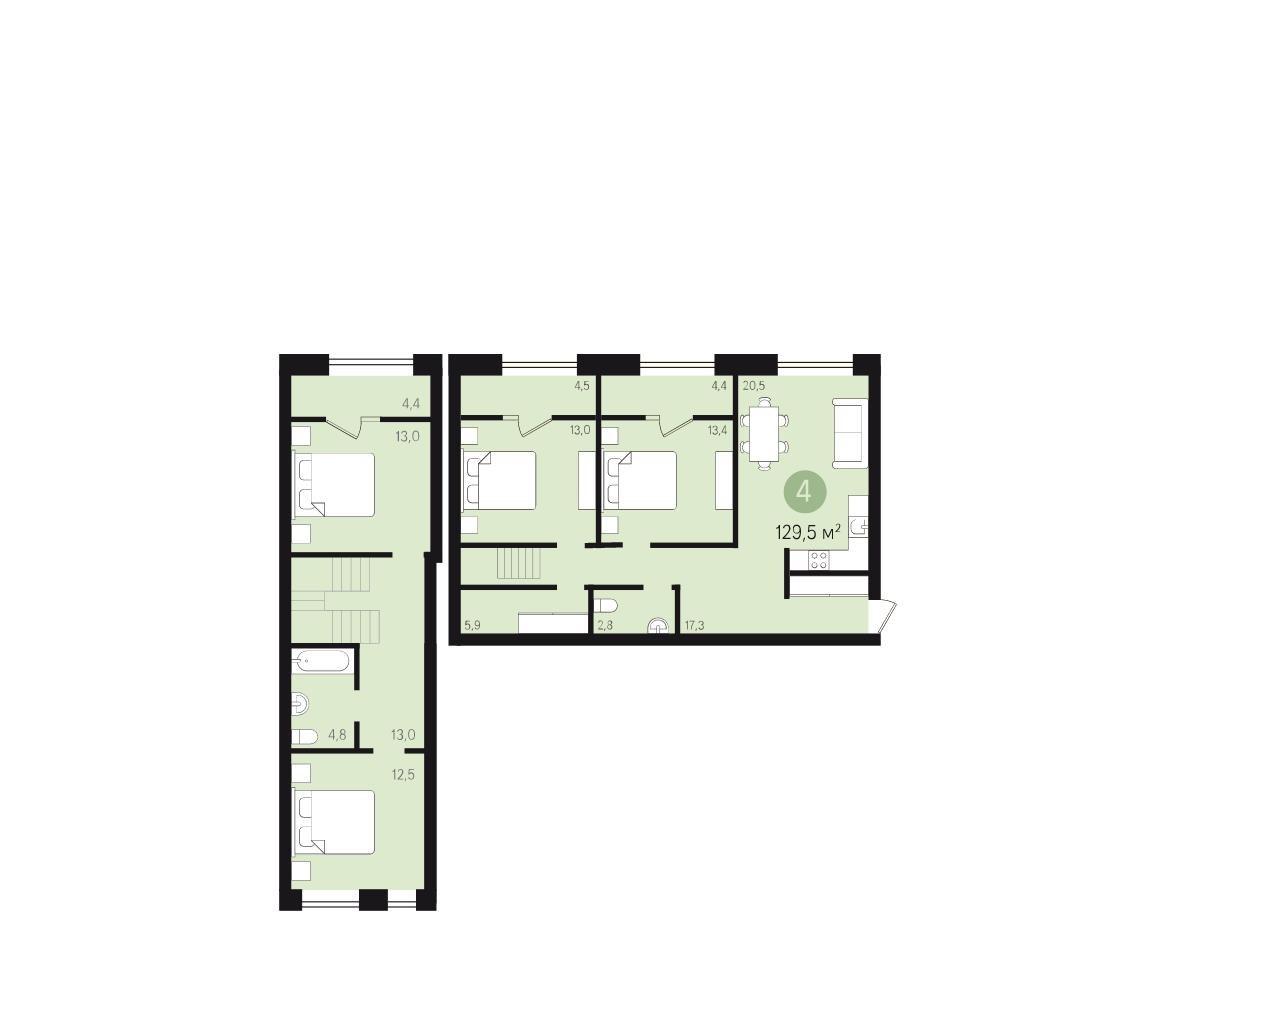 Квартира в новостройке Екатеринбург, ул. Гастелло - 1